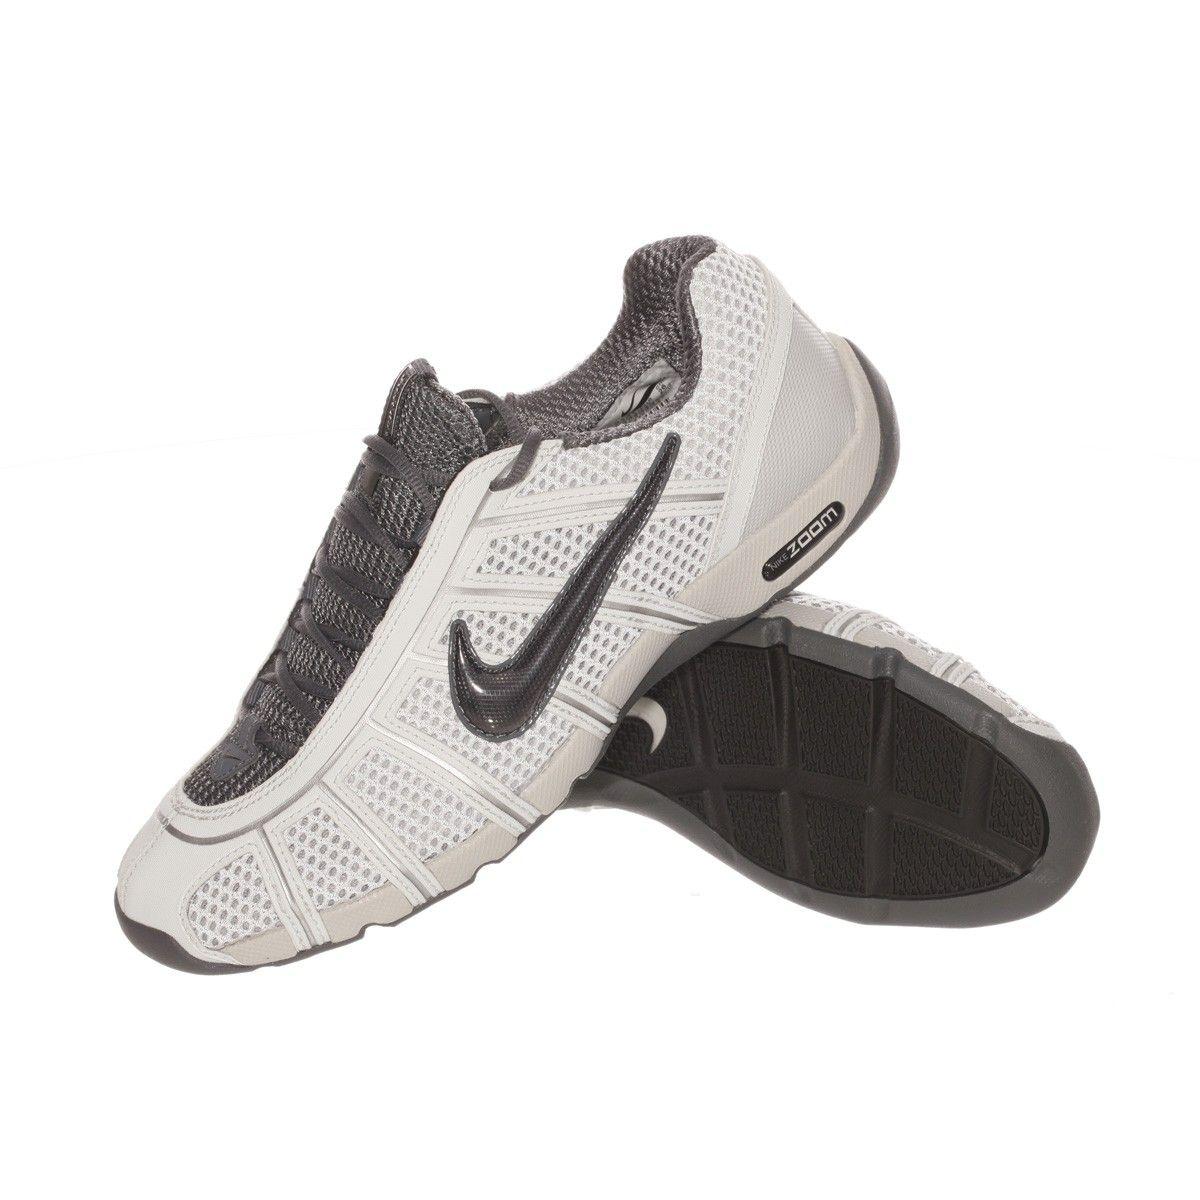 Обувь фехтовальная NIKE Air Zoom Fencer MTLC PLATINUM 002